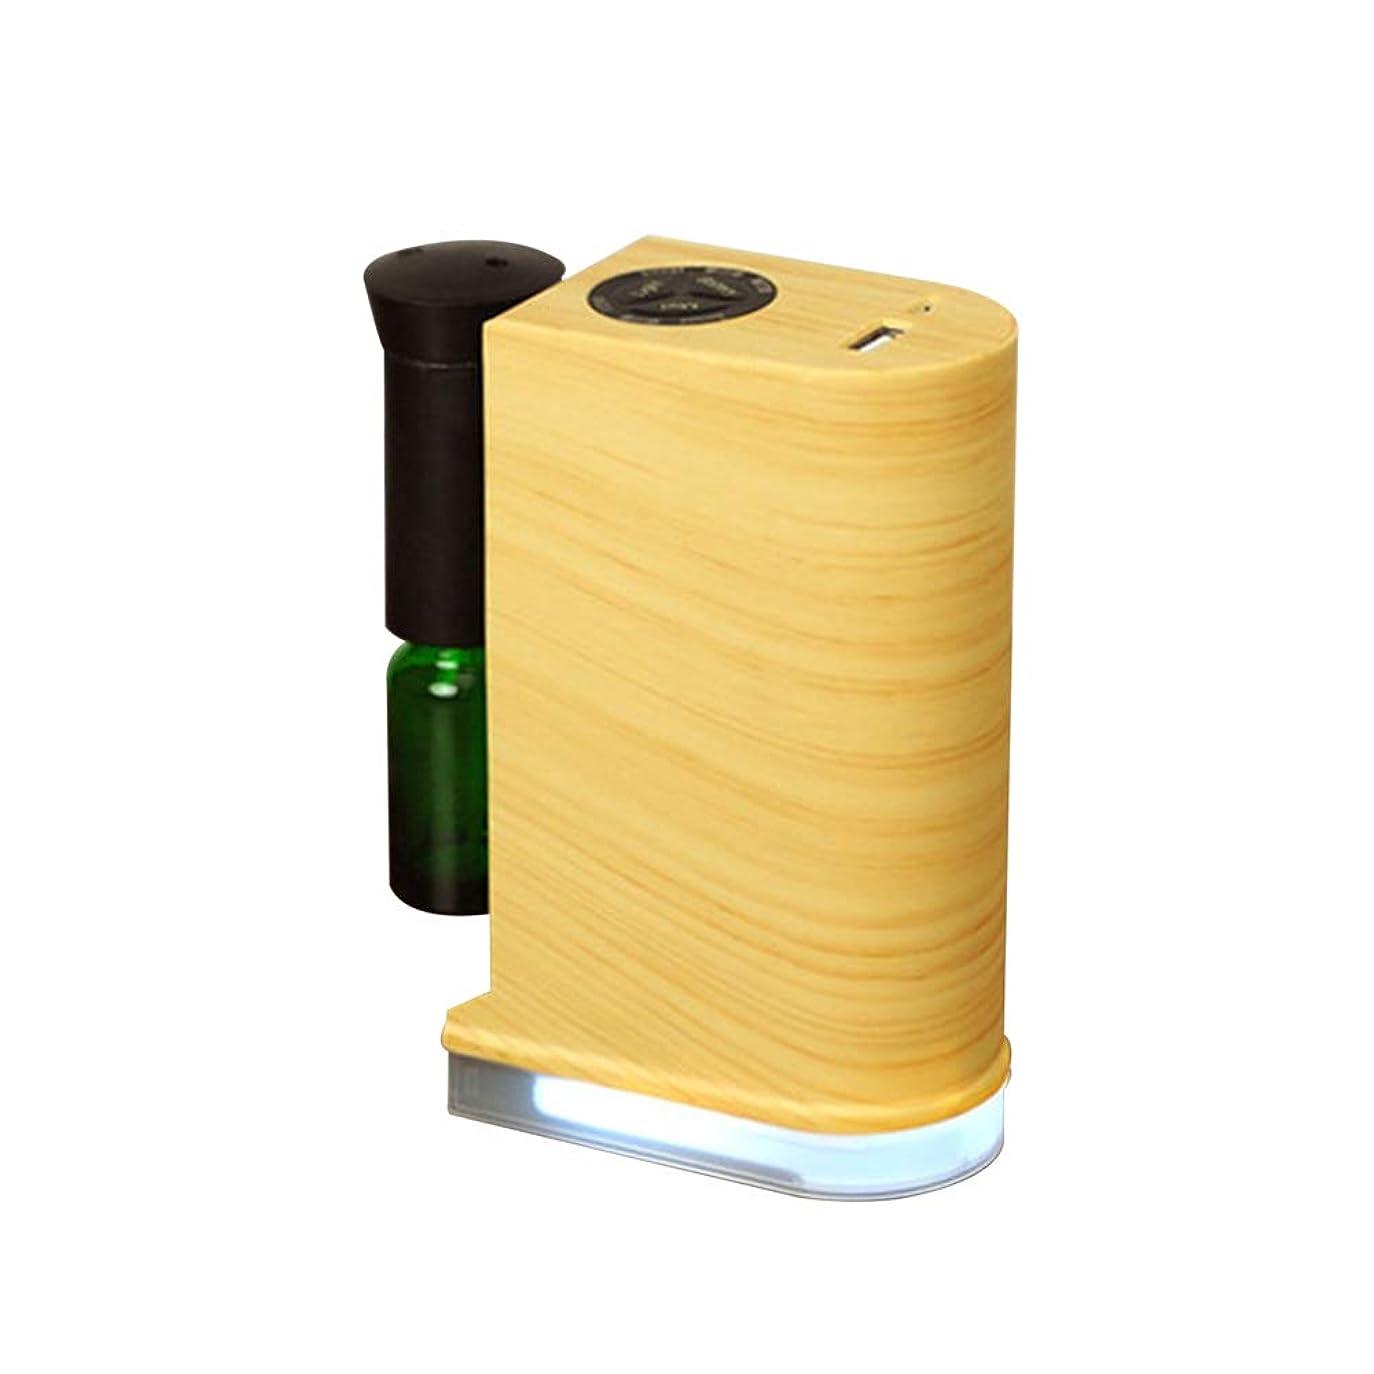 急いでドラッグシーンネブライザー式アロマディフューザー 水を使わない アロマオイル対応 LEDライト付き スマホ充電可能 USBポート付き 木目調 (ナチュラル)